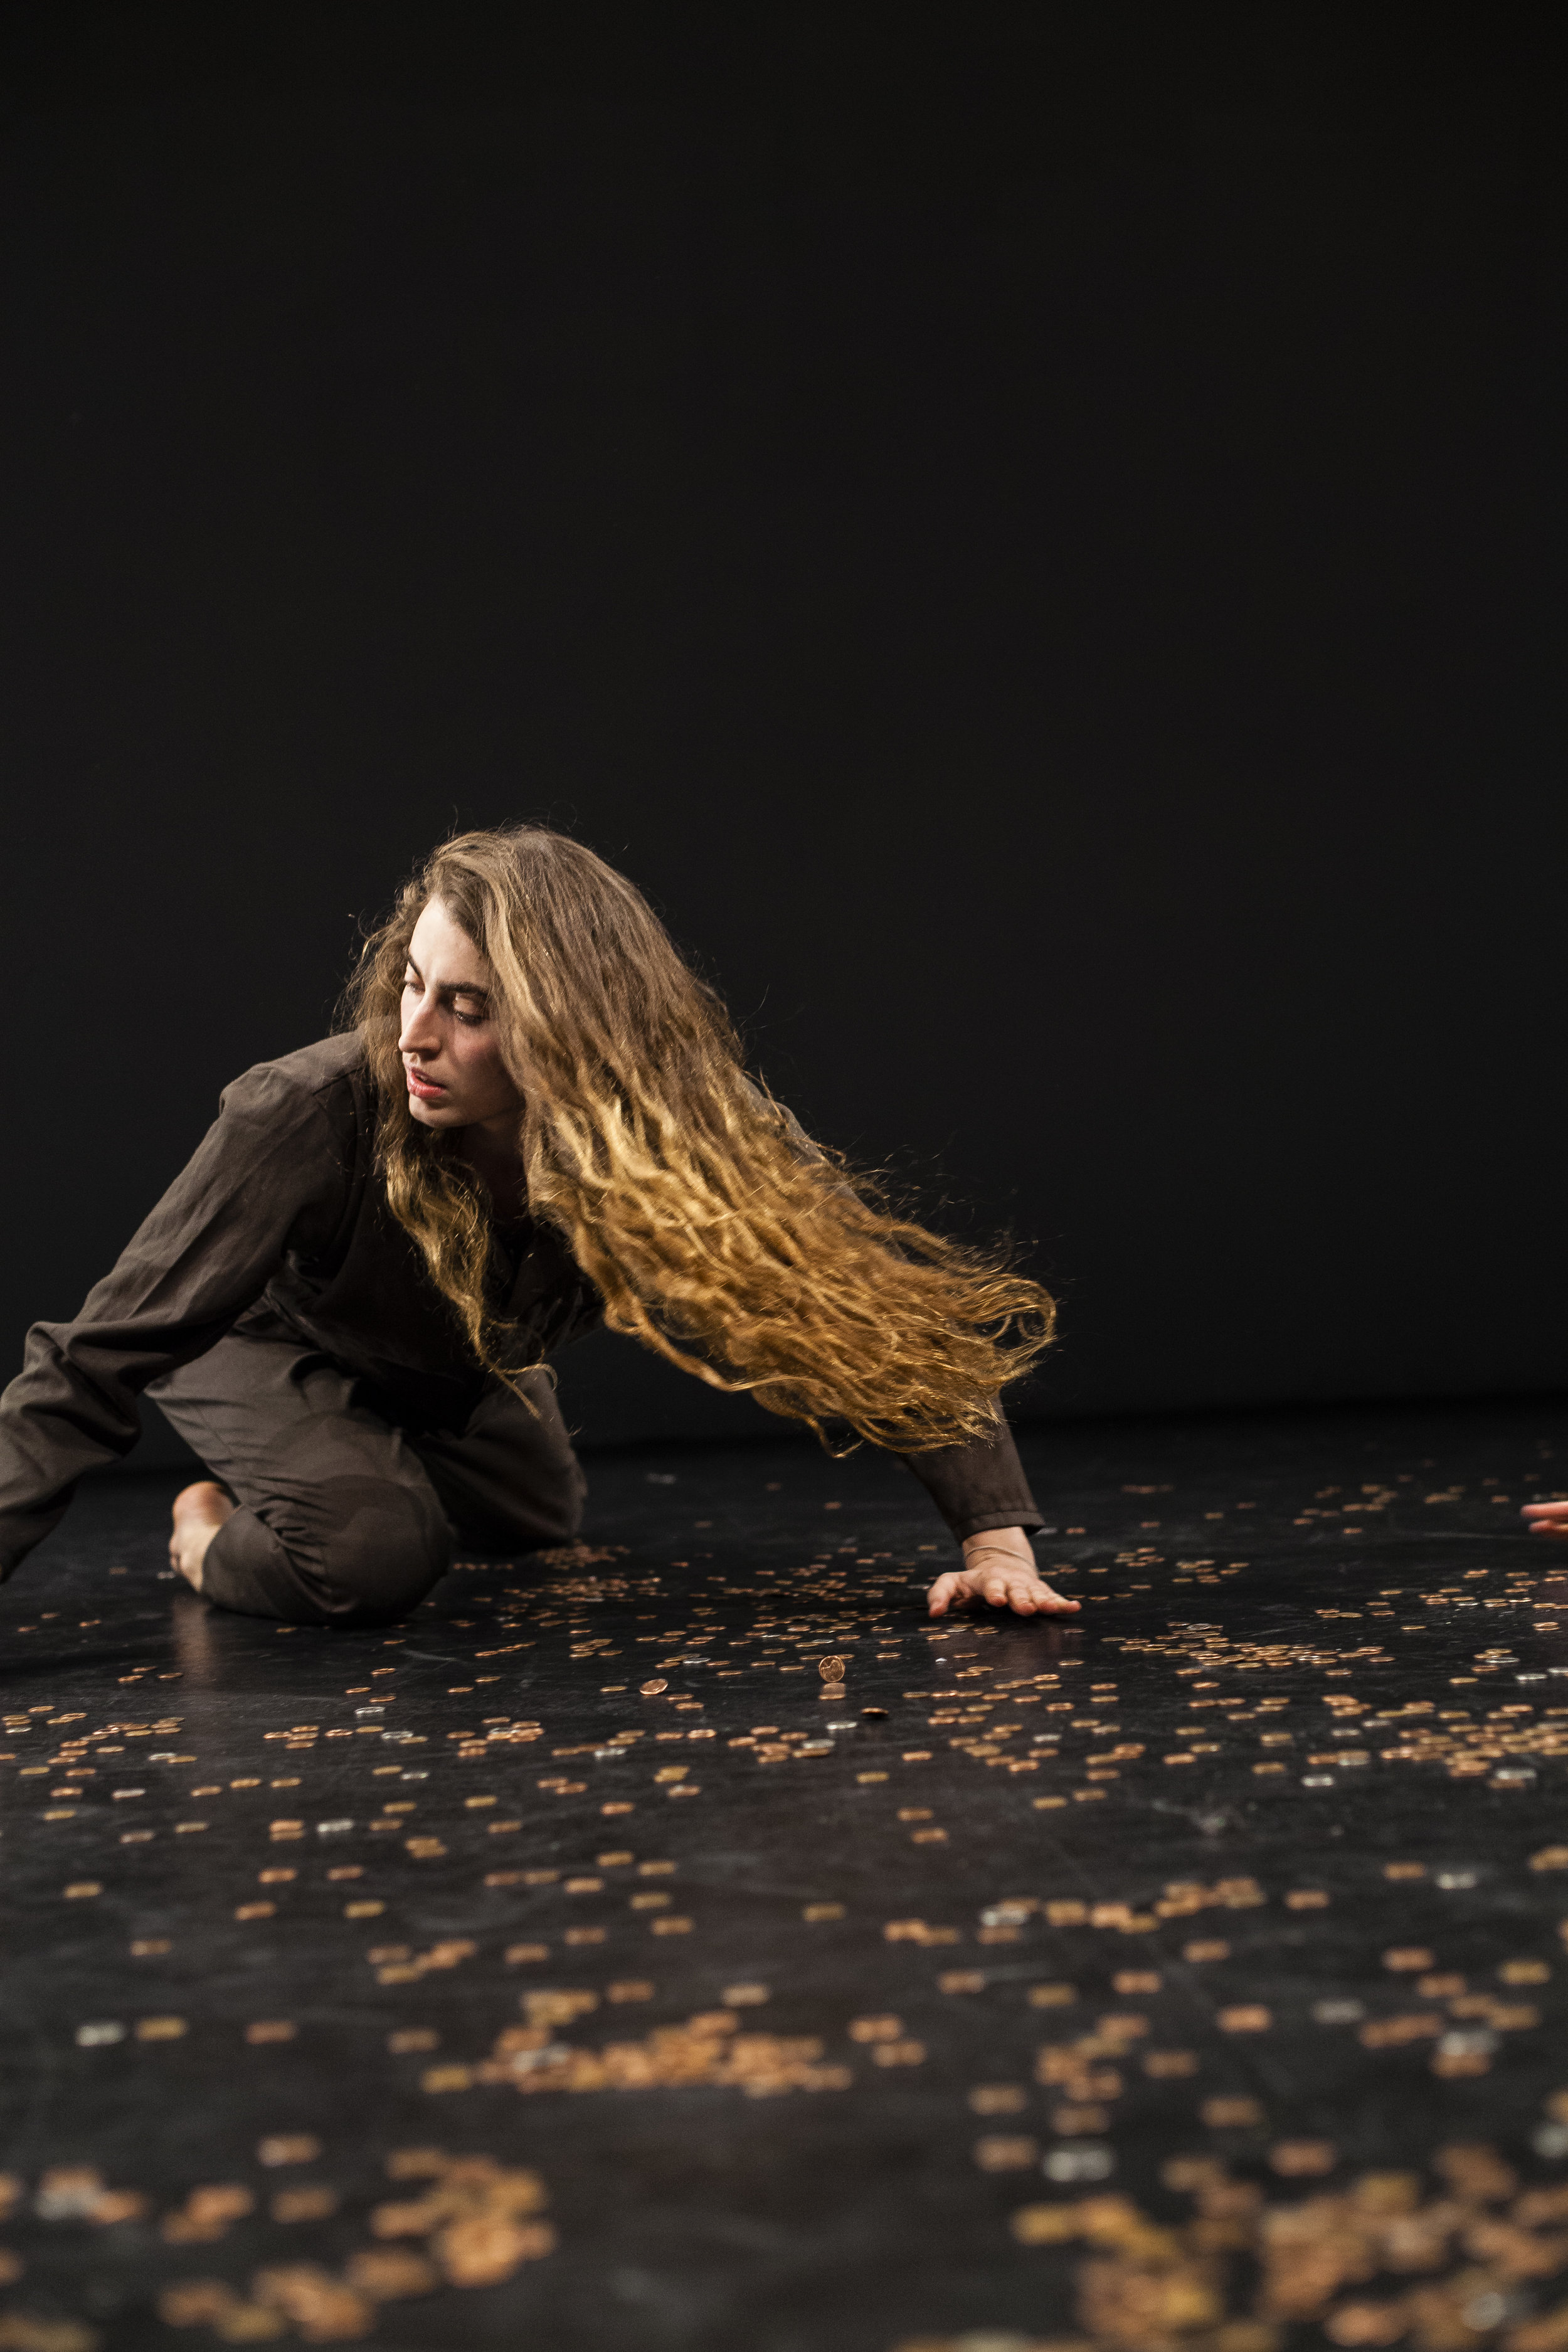 Lauryn_Gerstle_Cleaner_148-larissa with coins.jpg